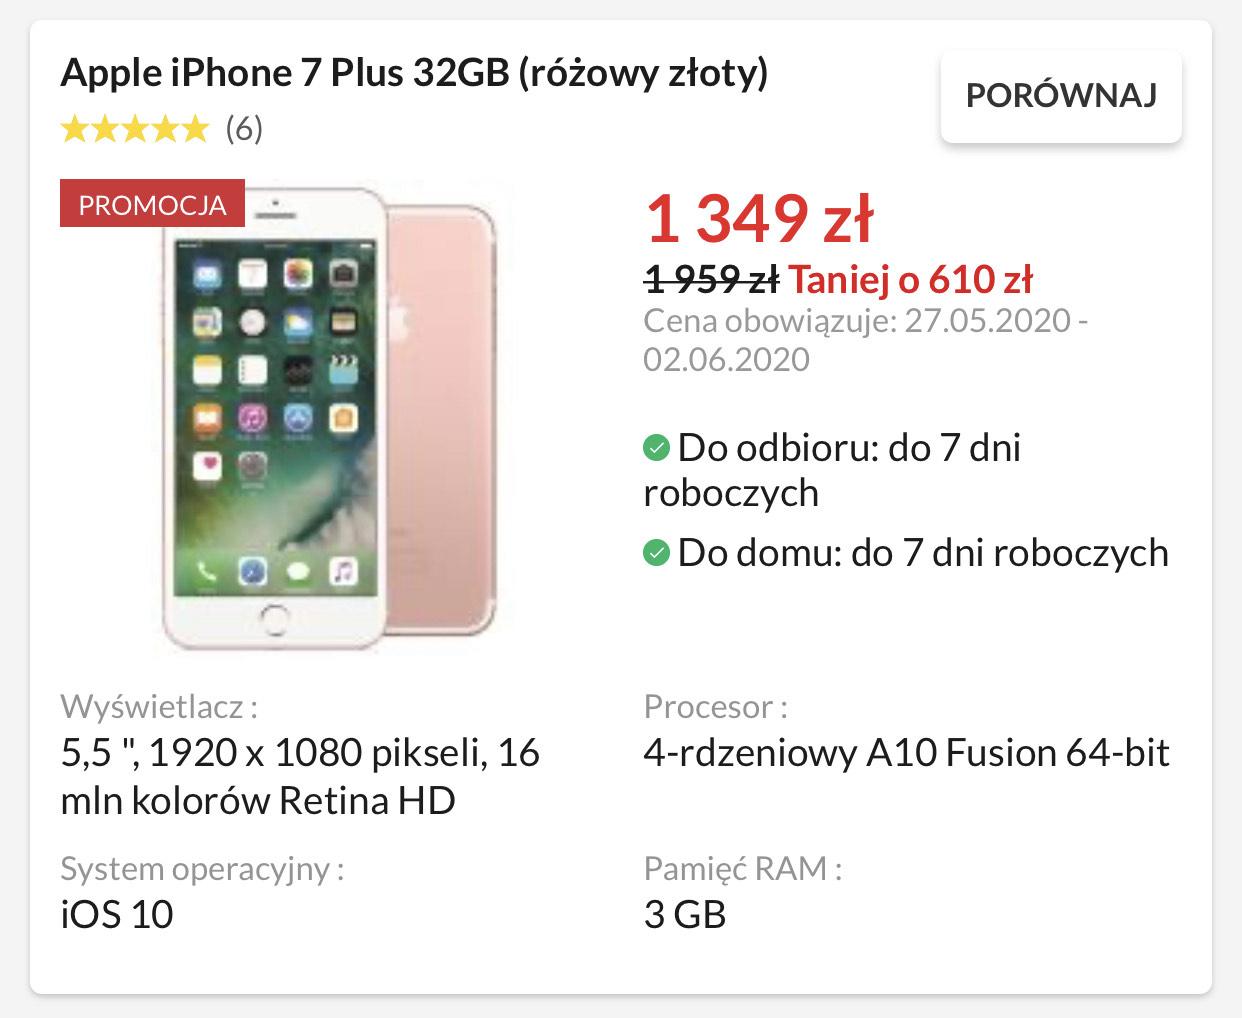 Apple iPhone 7 Plus 32GB (różowy złoty) taniej o ponad 600zł